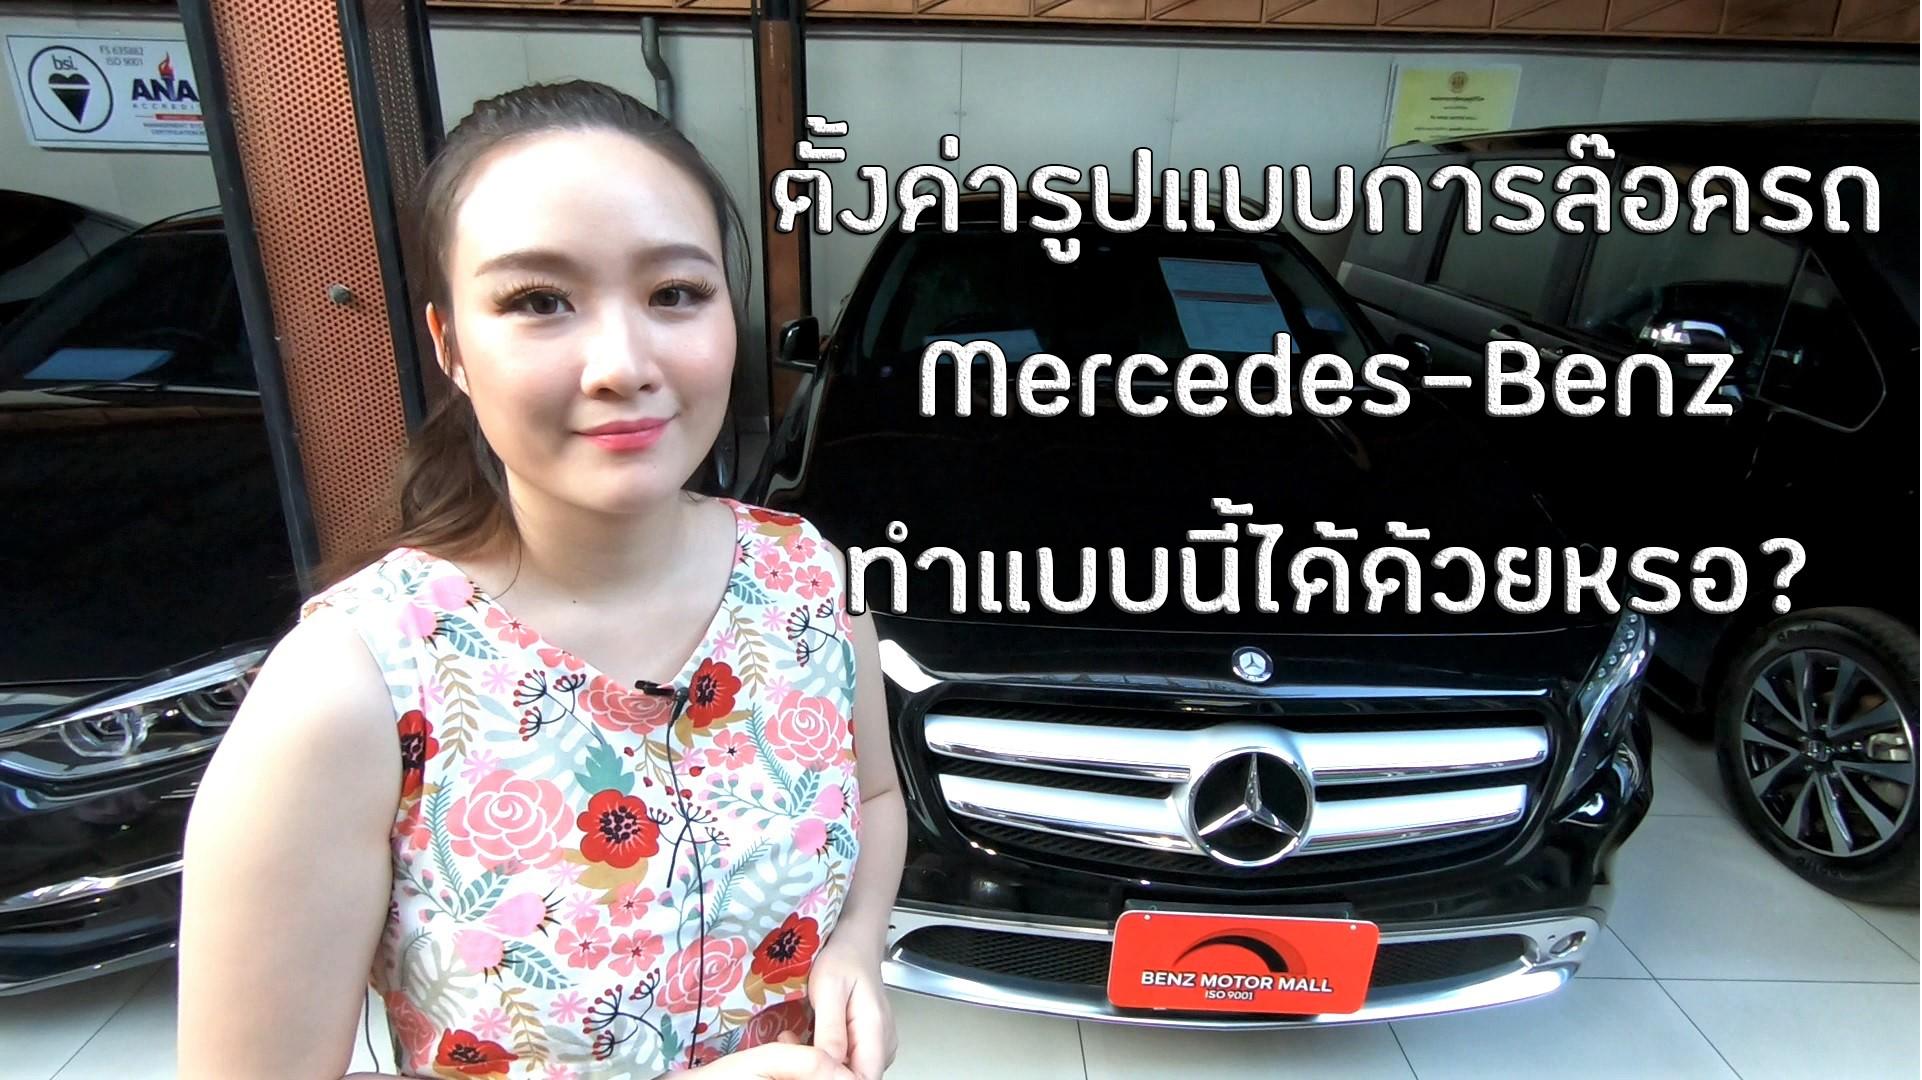 สุดยอดระบบ รักษาความปลอดภัยของรถยนต์ Mercedes-Benz ที่คุณอาจไม่เคยรู้